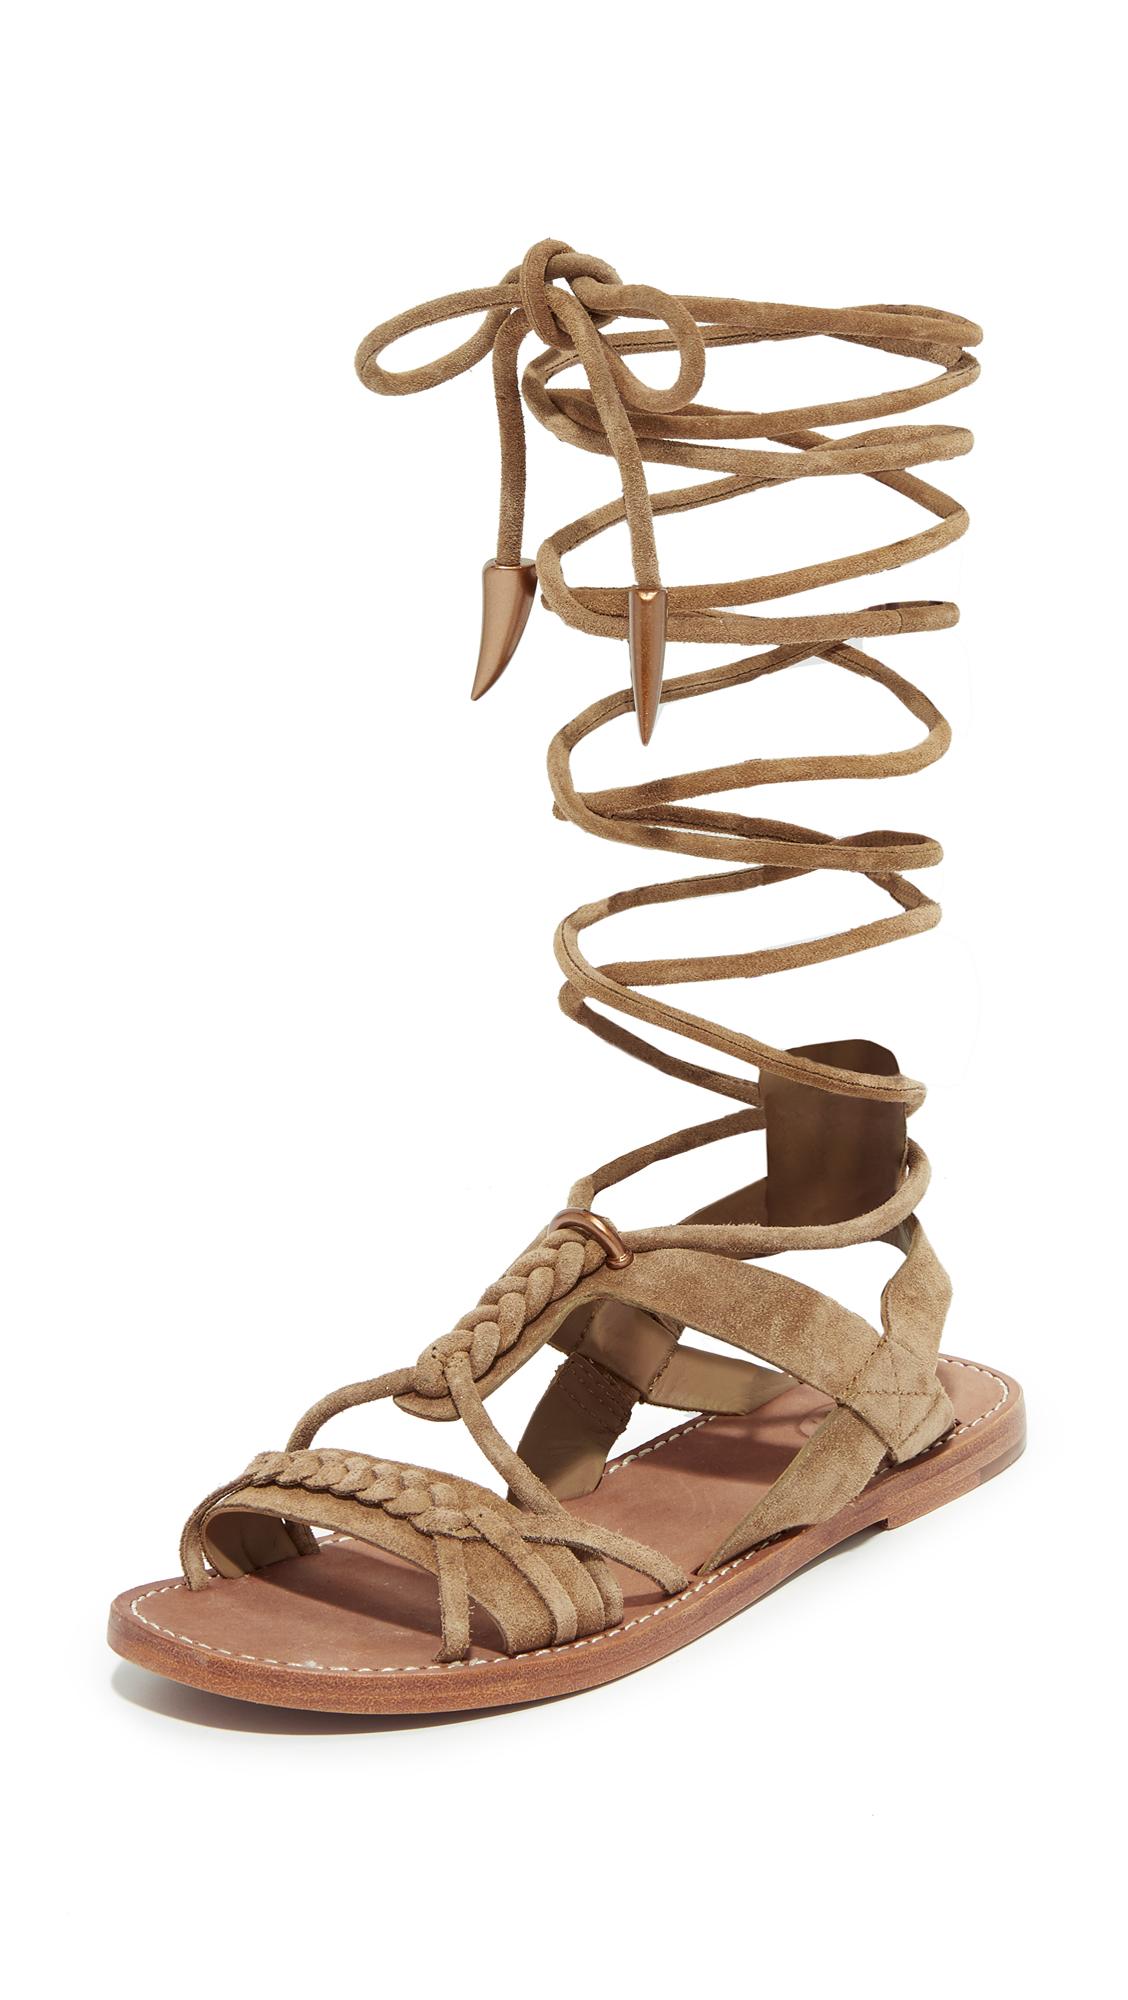 b6622730c9ab Ash Peace Wrap Sandals